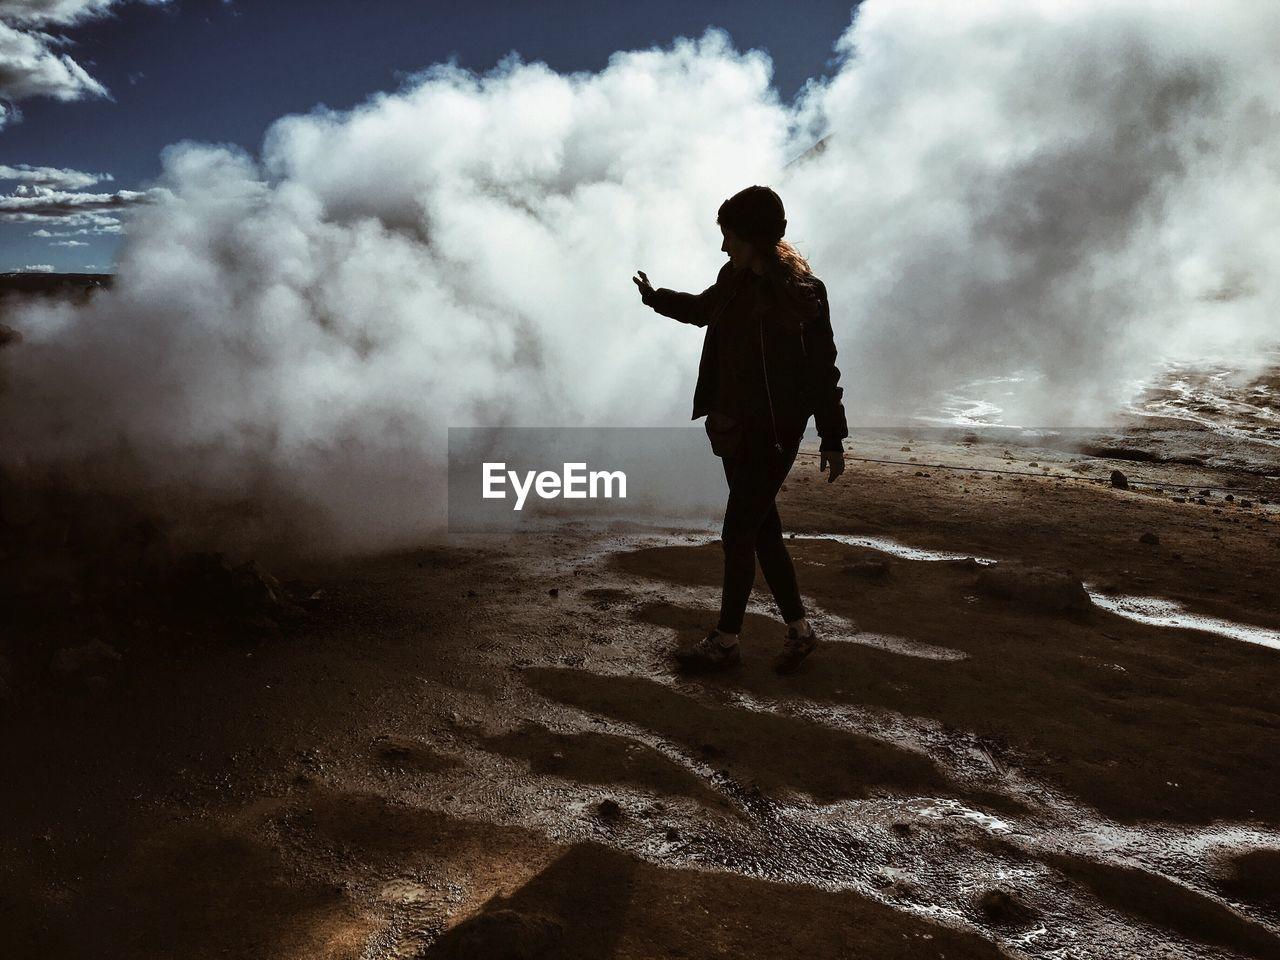 Full Length Of Woman Walking By Geyser Emitting Smoke